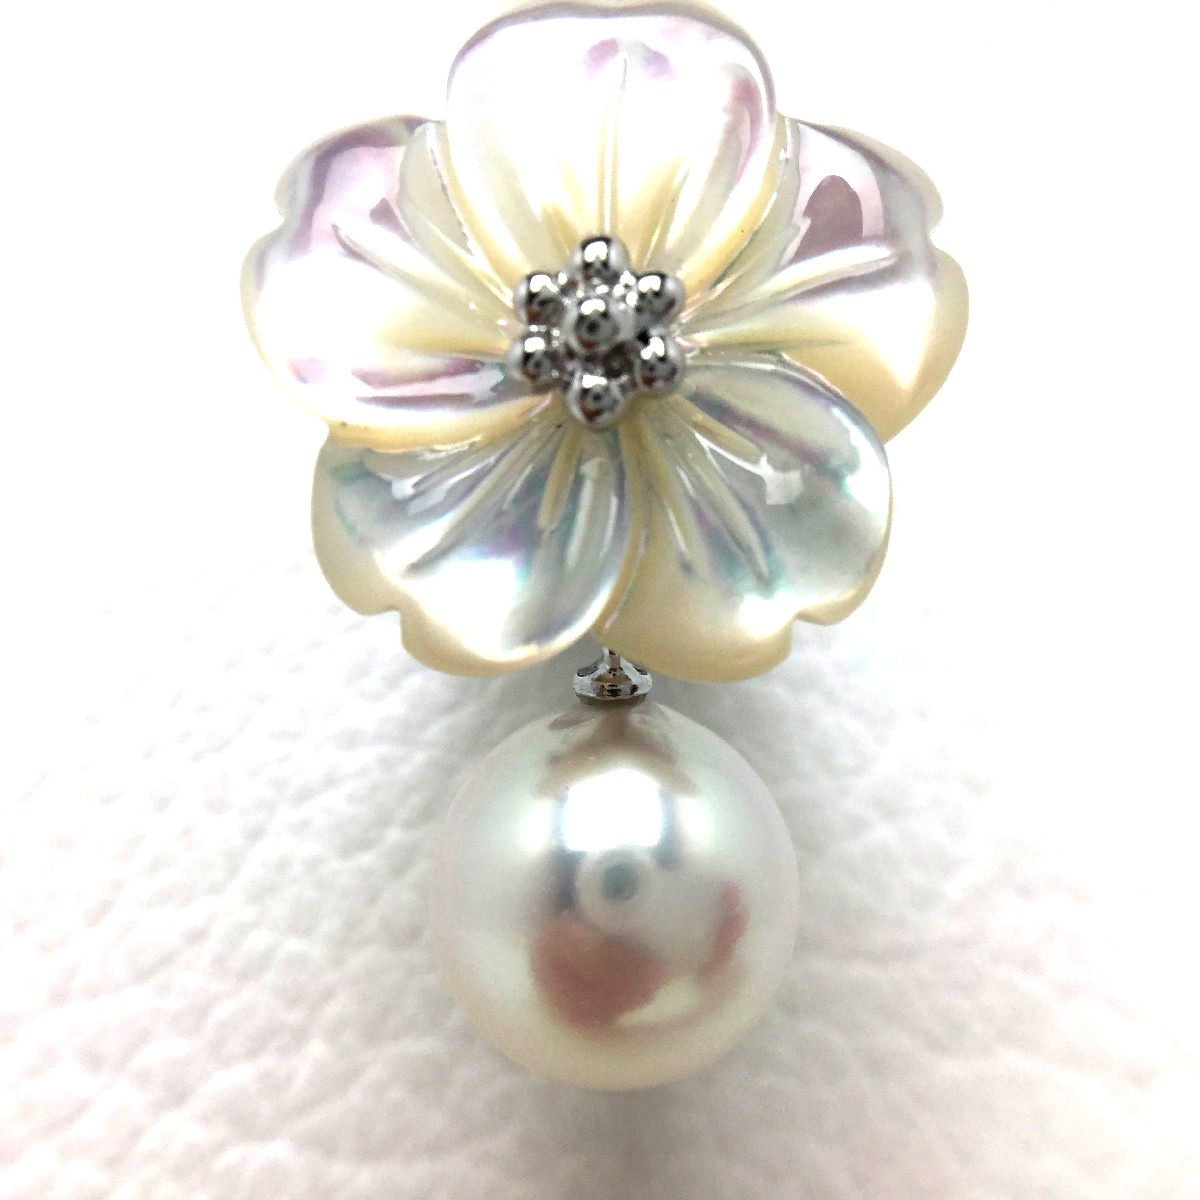 真珠 タイニーピン パール アコヤ真珠 8.85mm ホワイトピンク シルバー シェル 植物 フラワー 66823 イソワパール